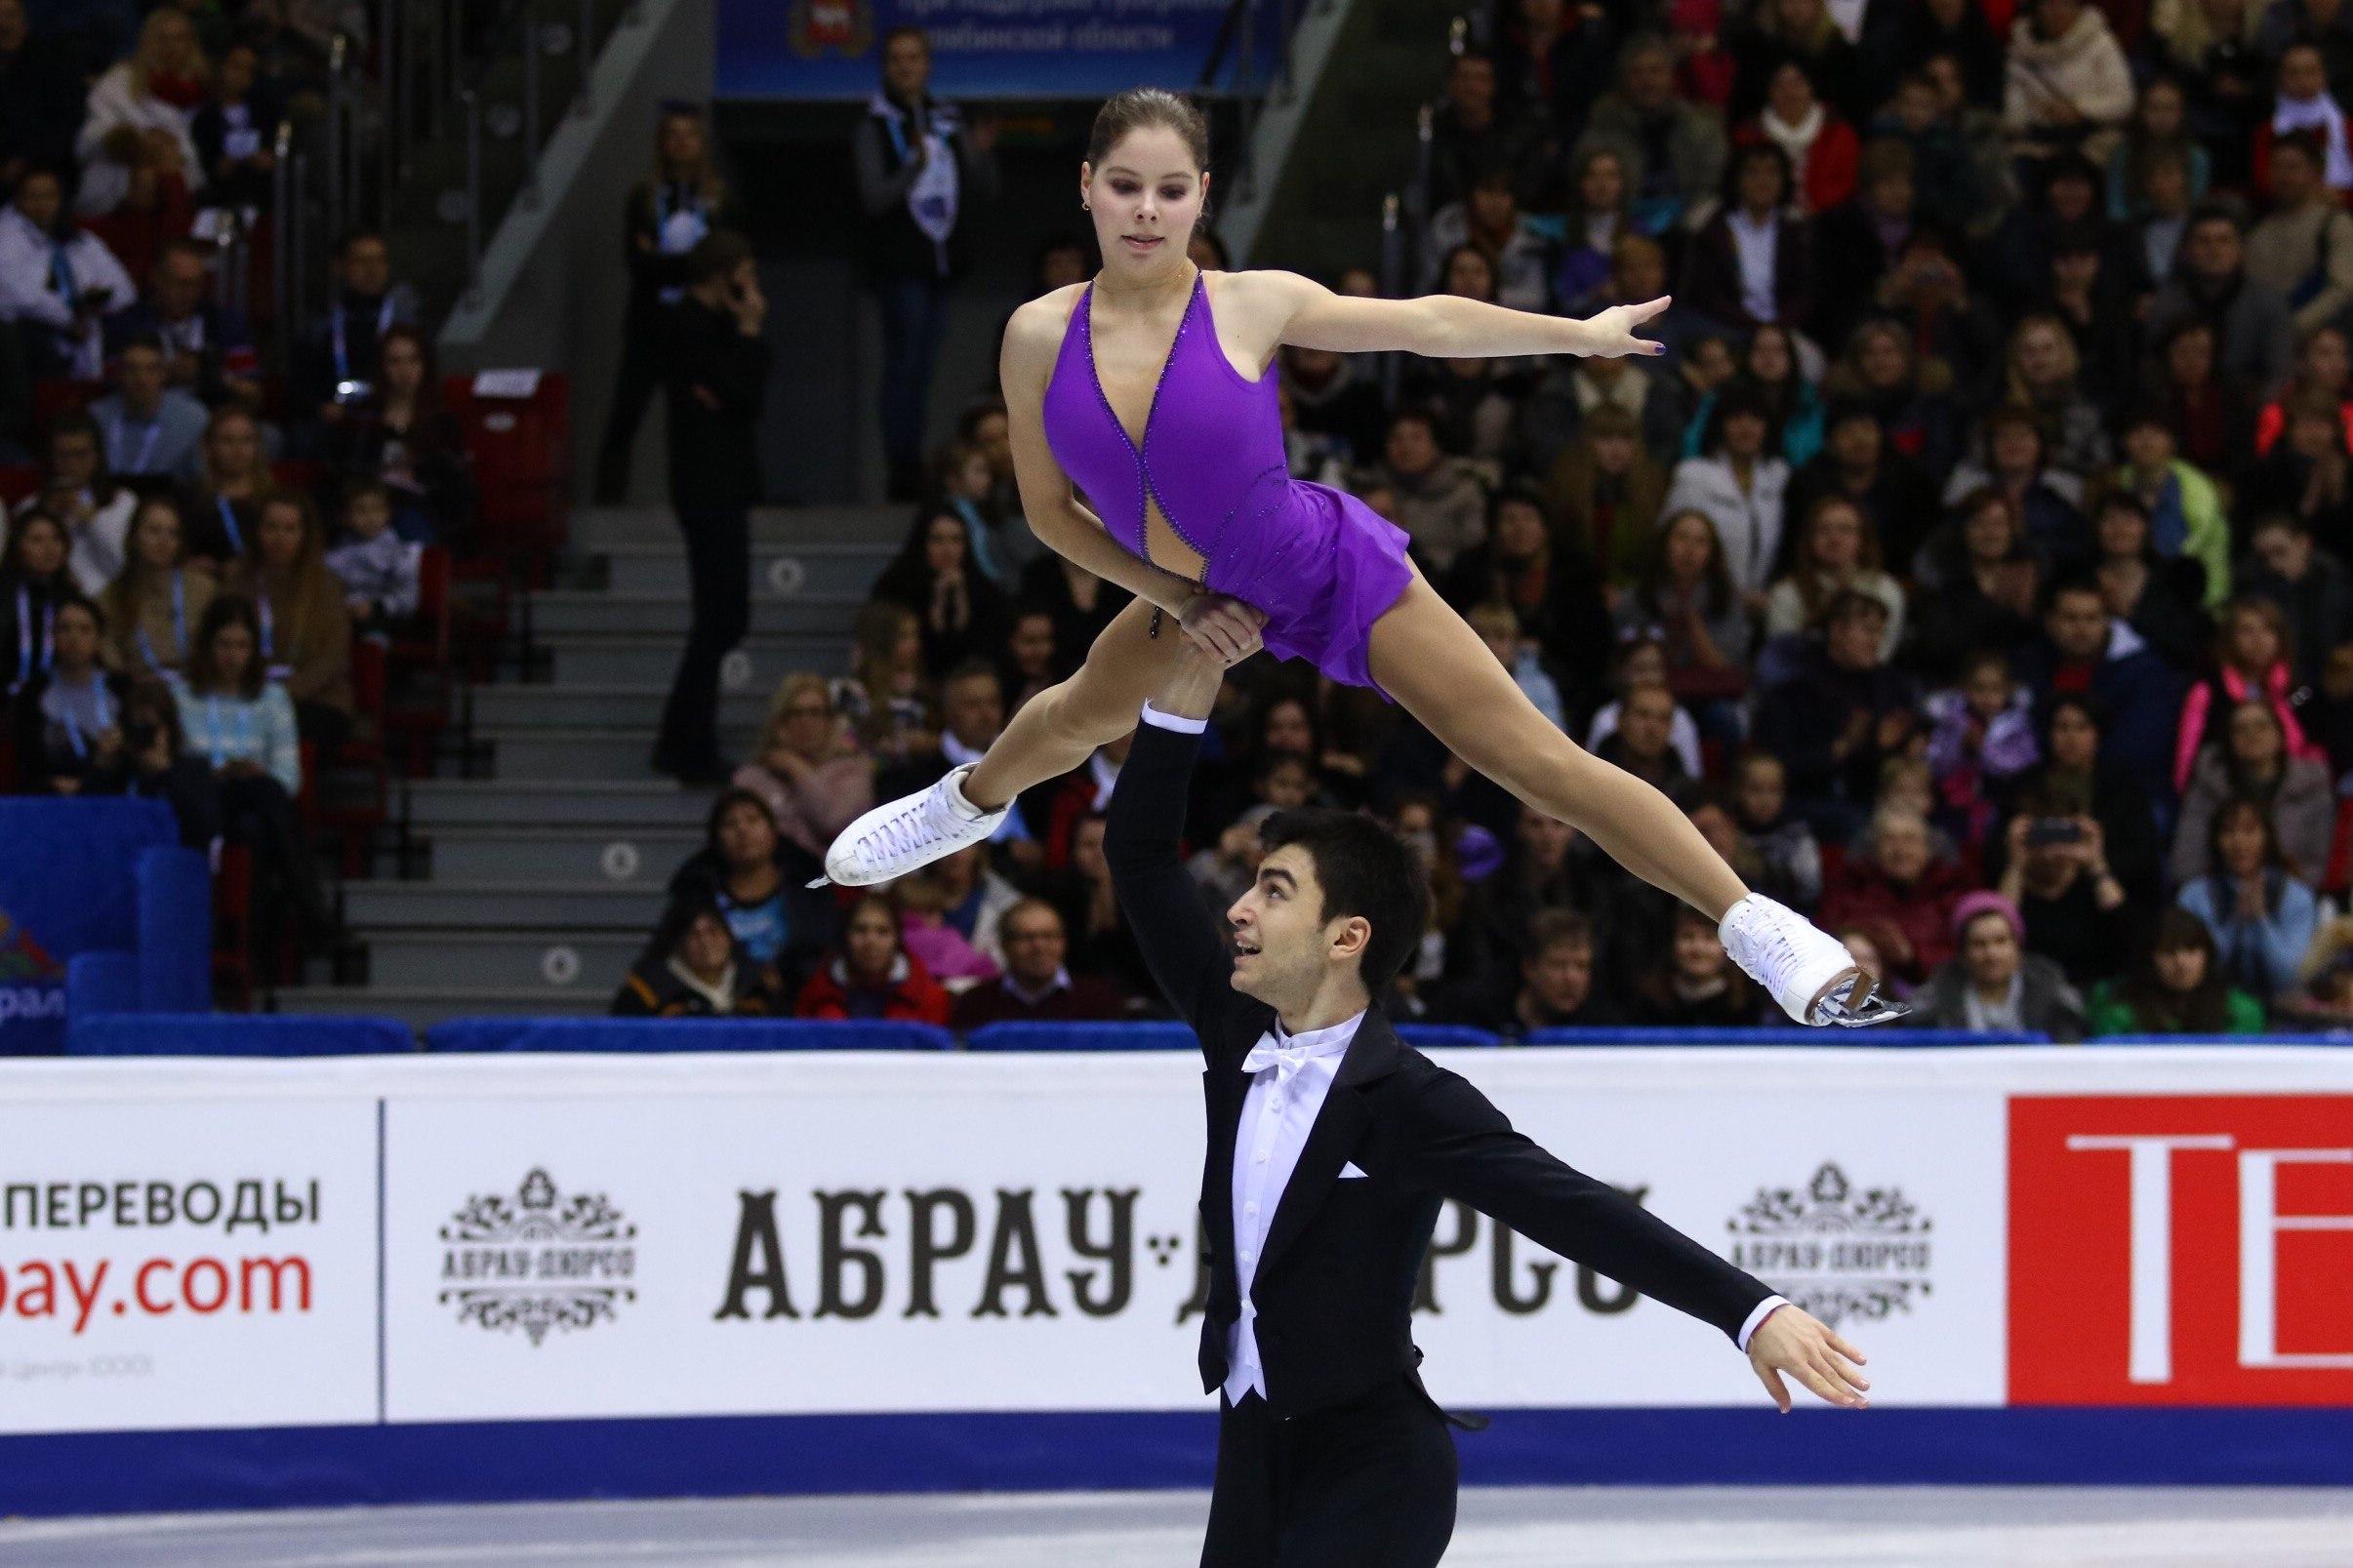 Анастасия Мишина и Владислава Мирзоев (26.12.2016)